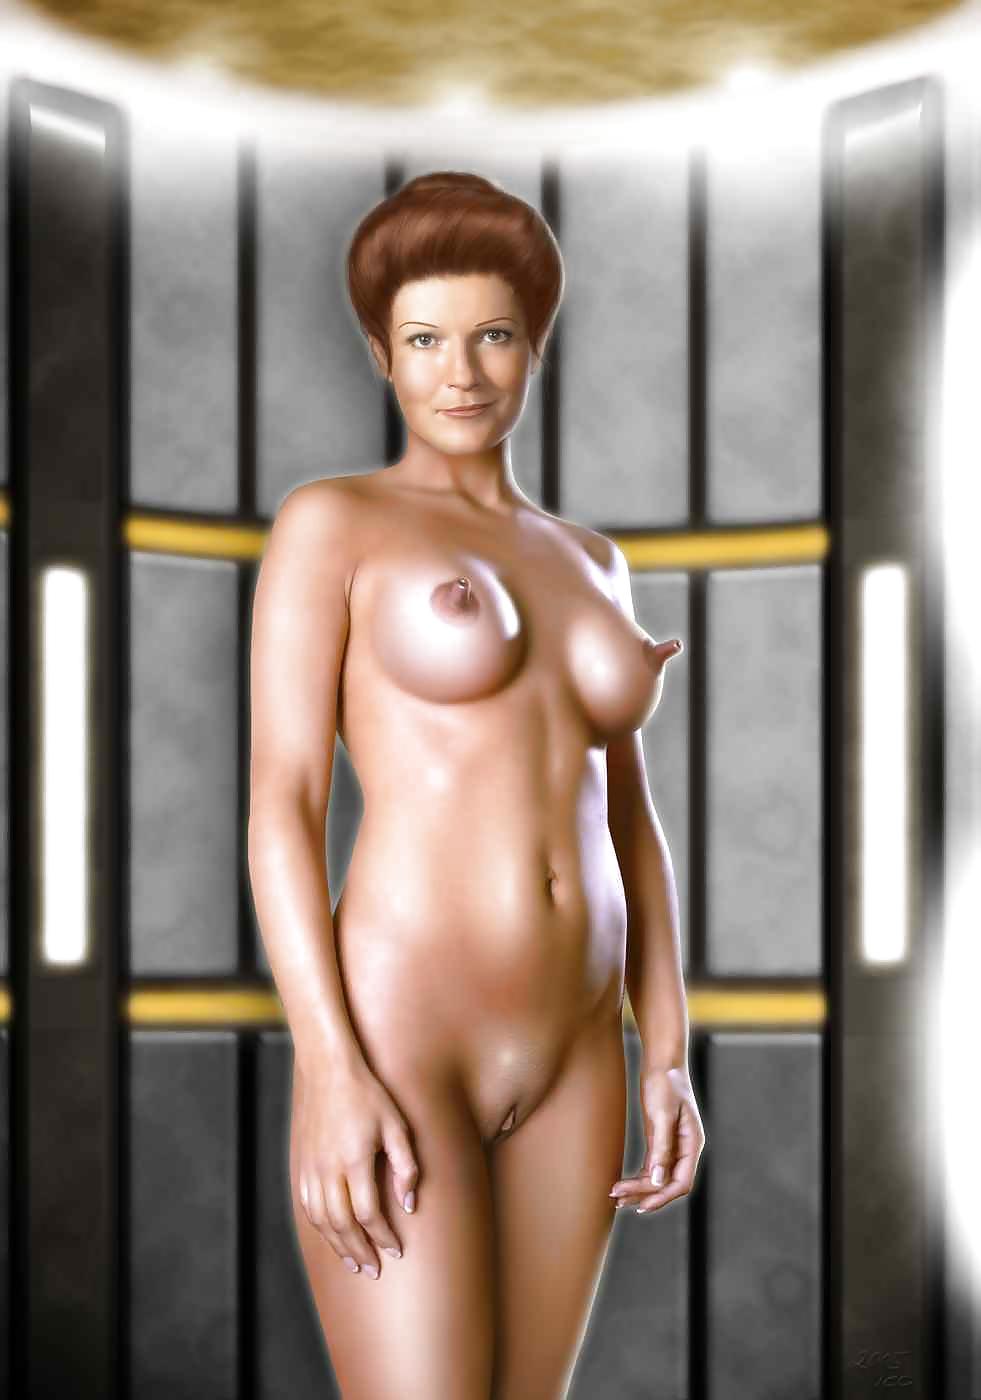 Women Of Star Trek Nude